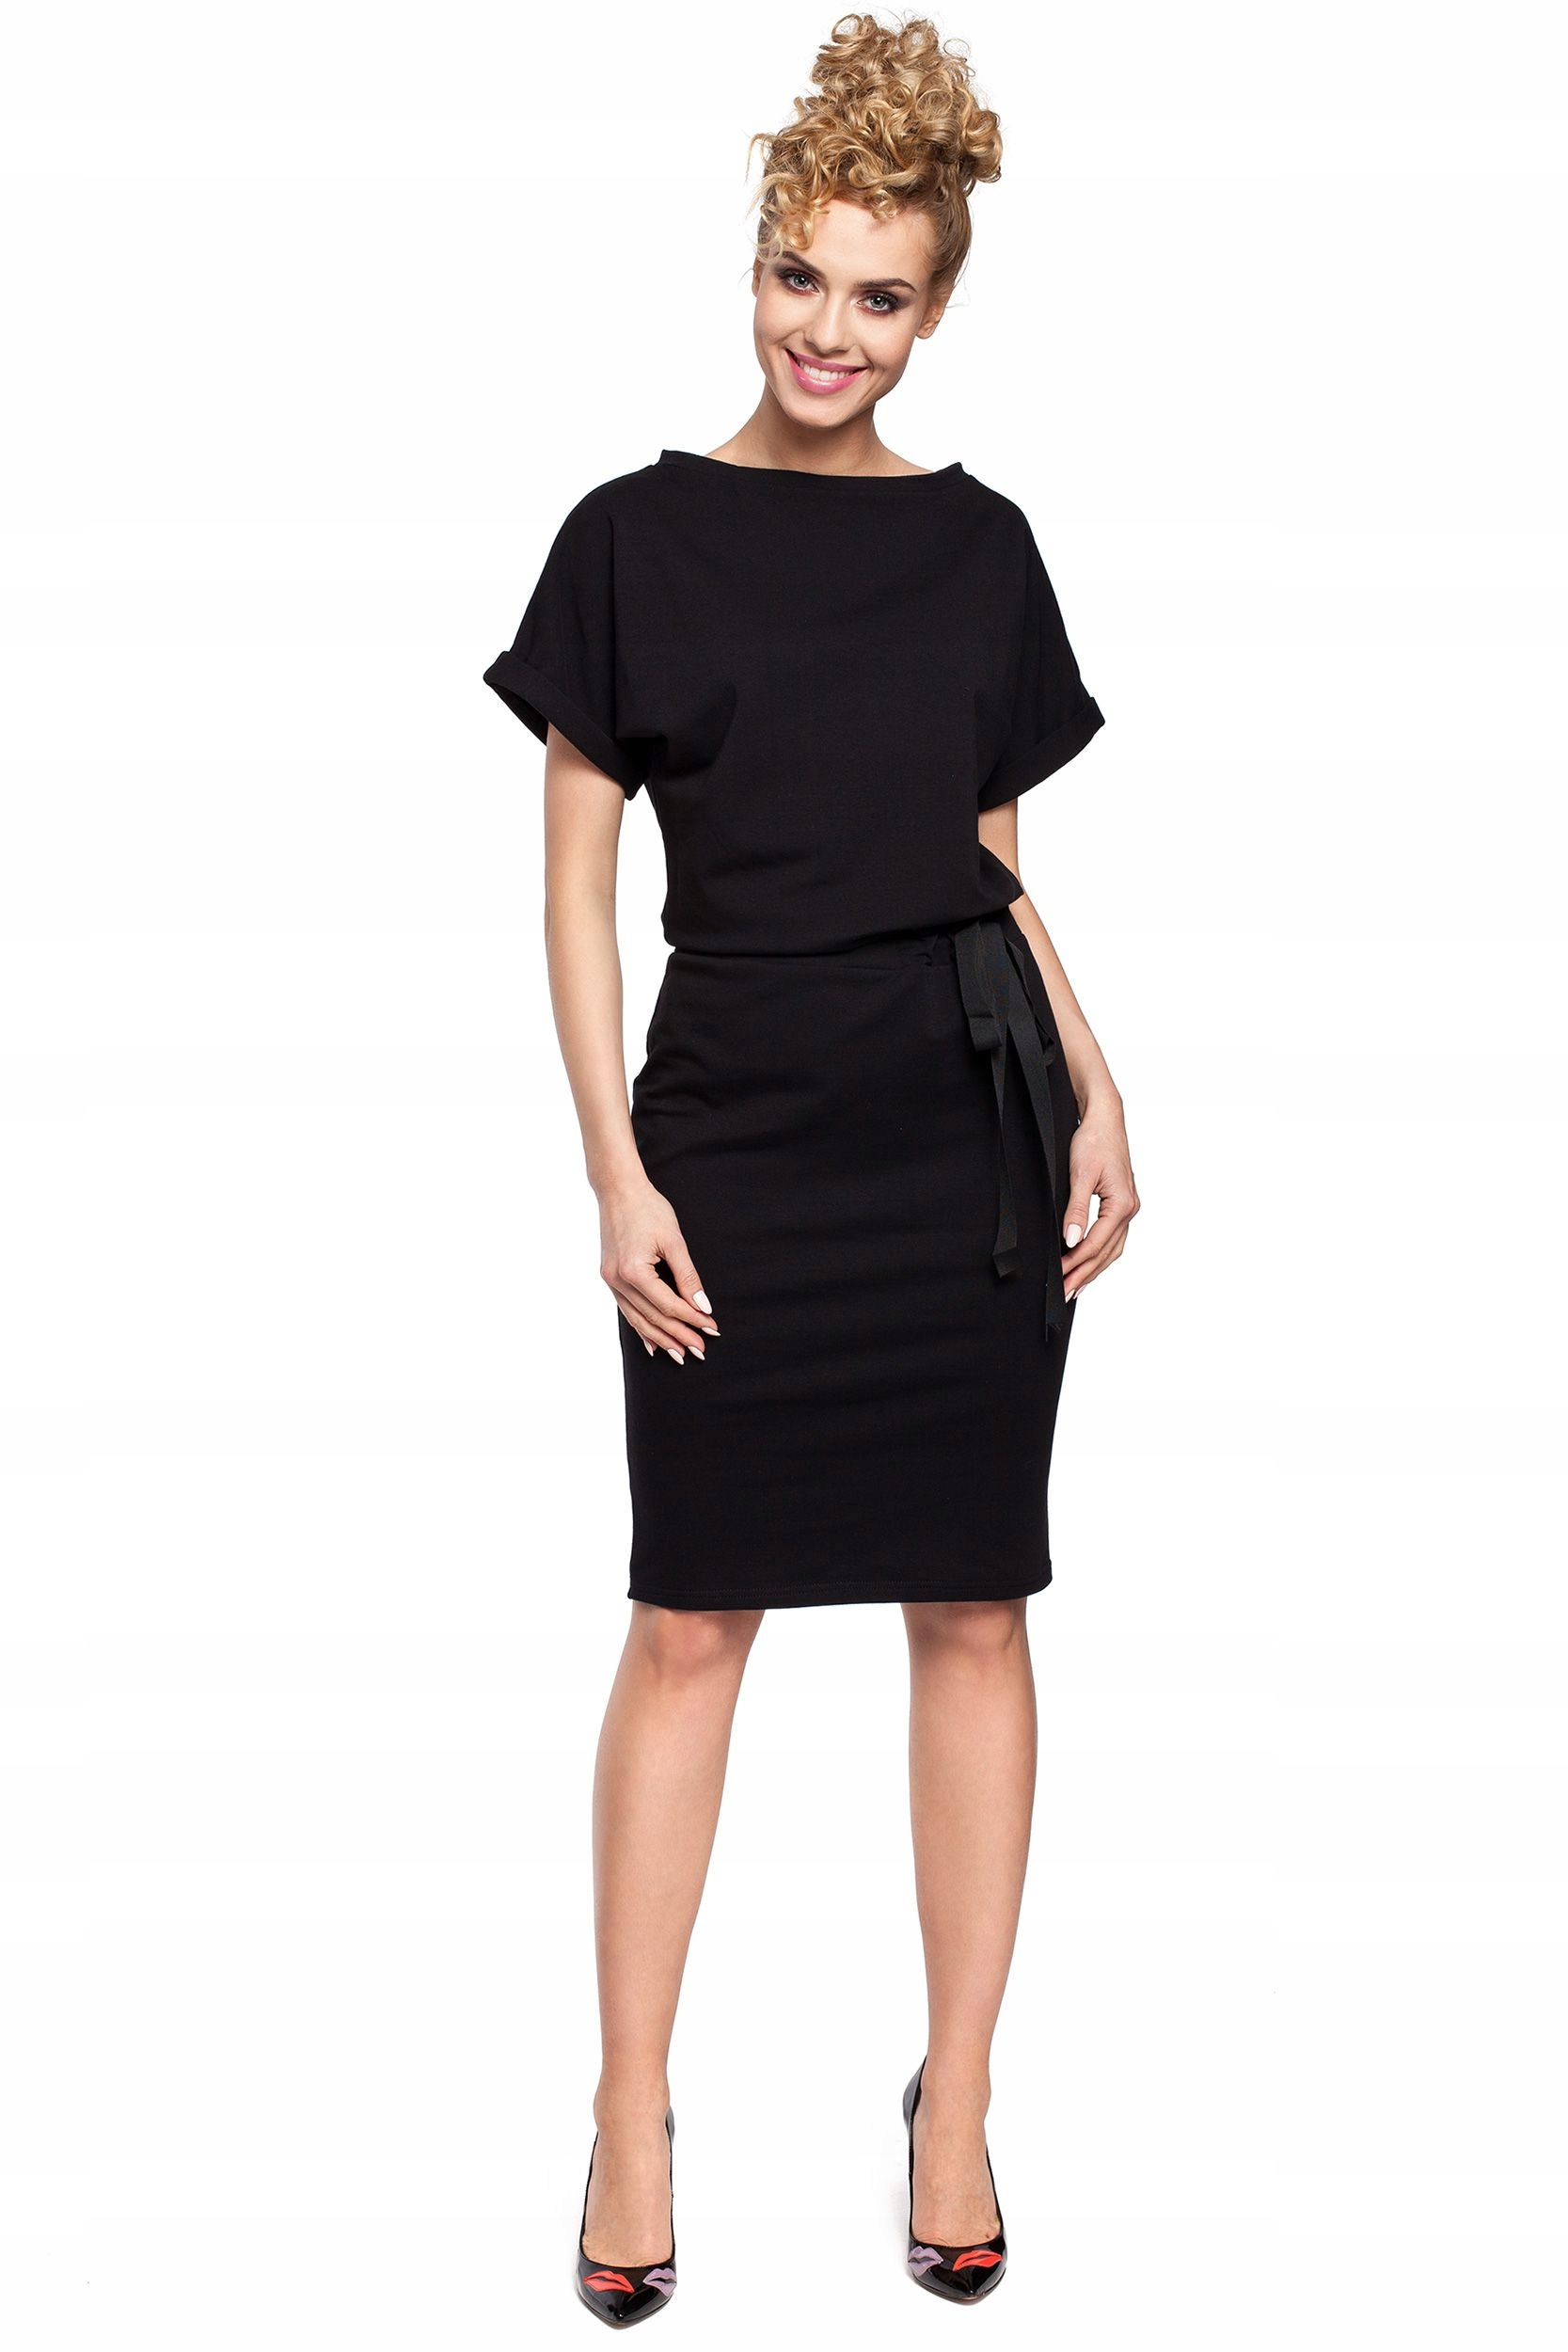 M284 Sukienka midi z wiązaniem w pasie- czarna S/m